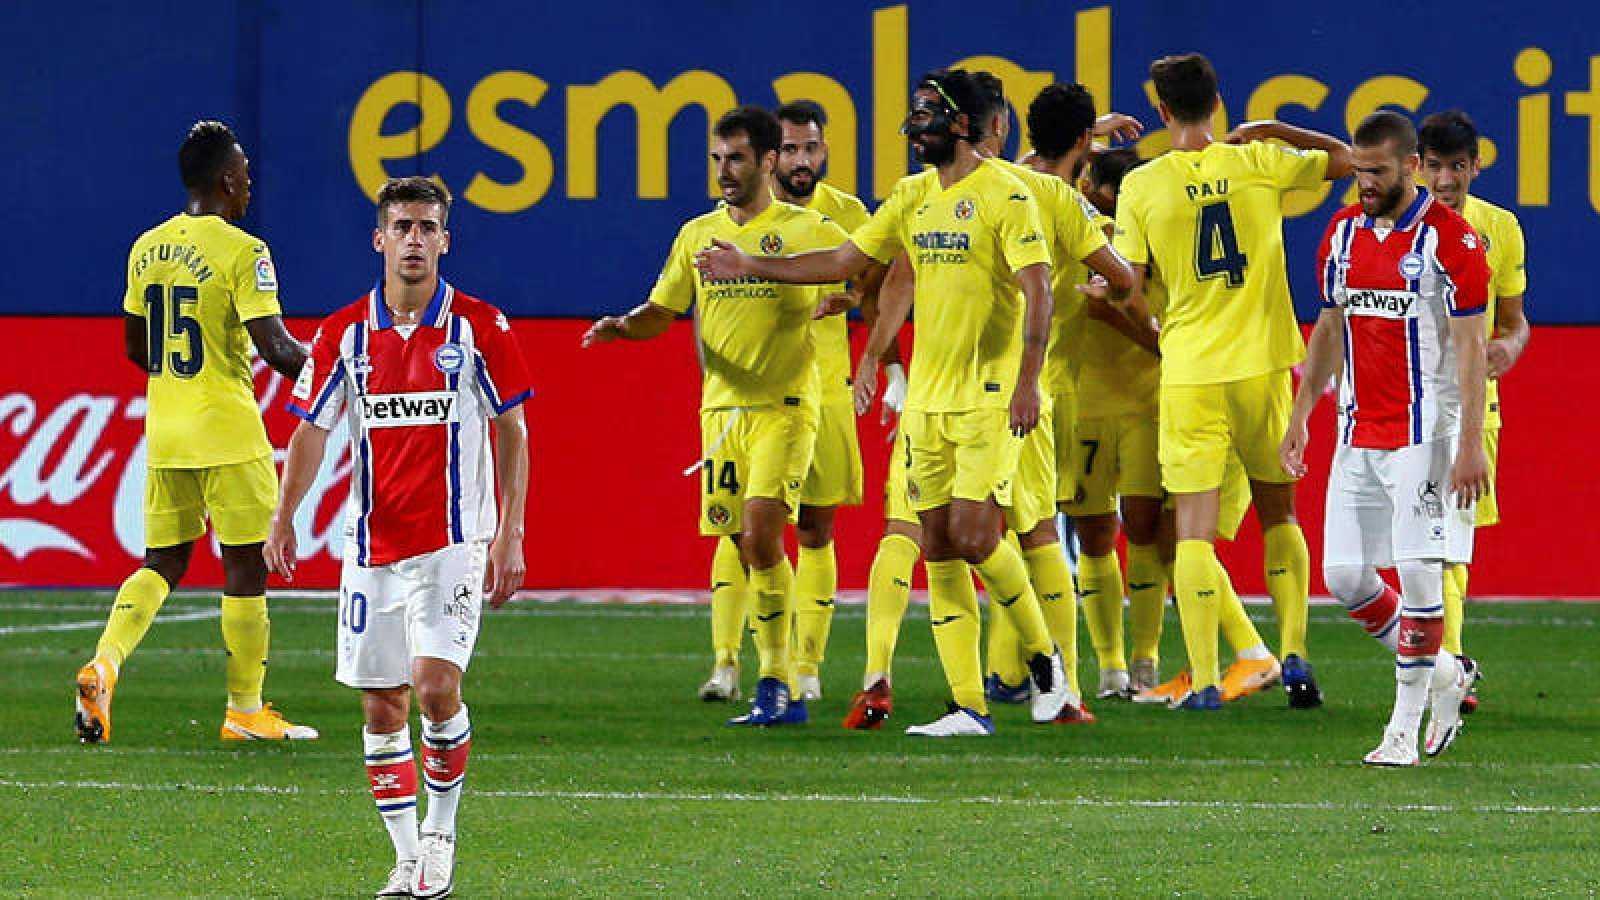 Los jugadores del Villarreal CF celebran el tercer gol del equipo ante el Deportivo Alavés